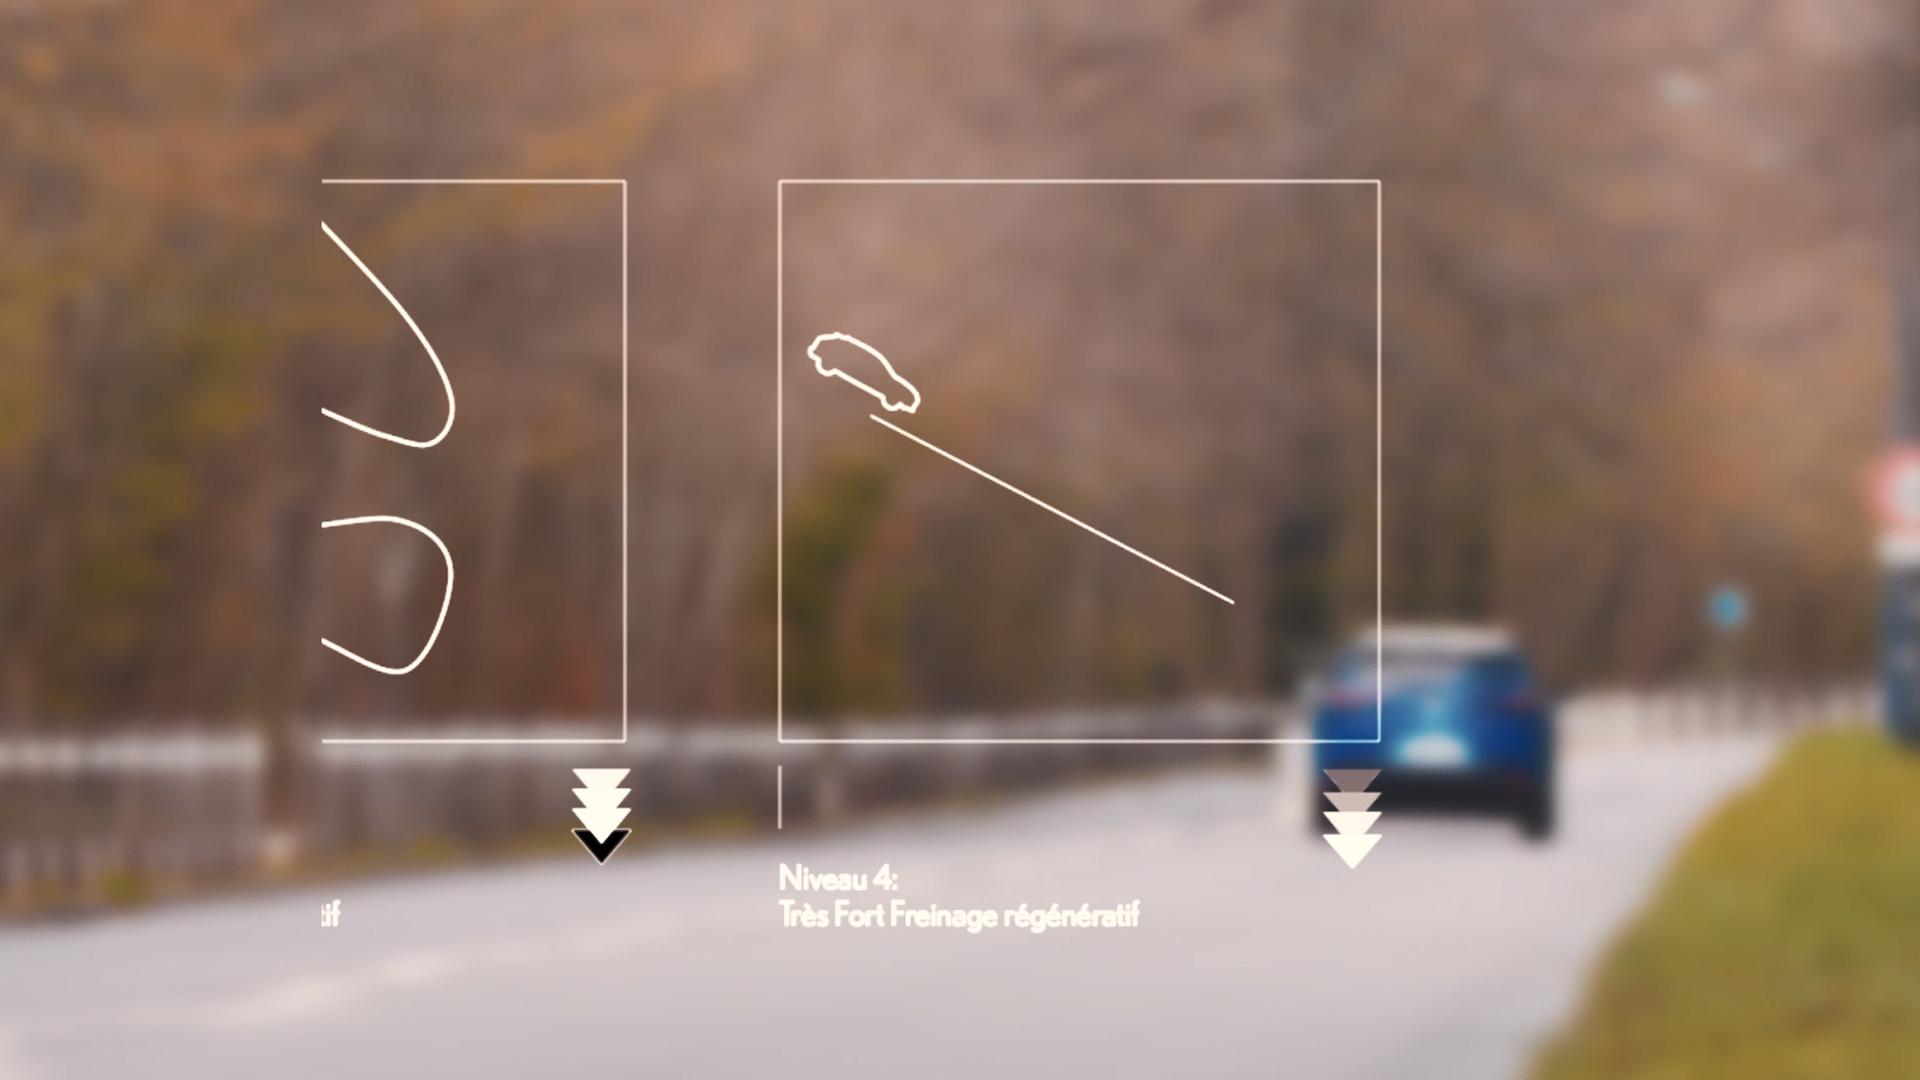 Autonomie freinage image